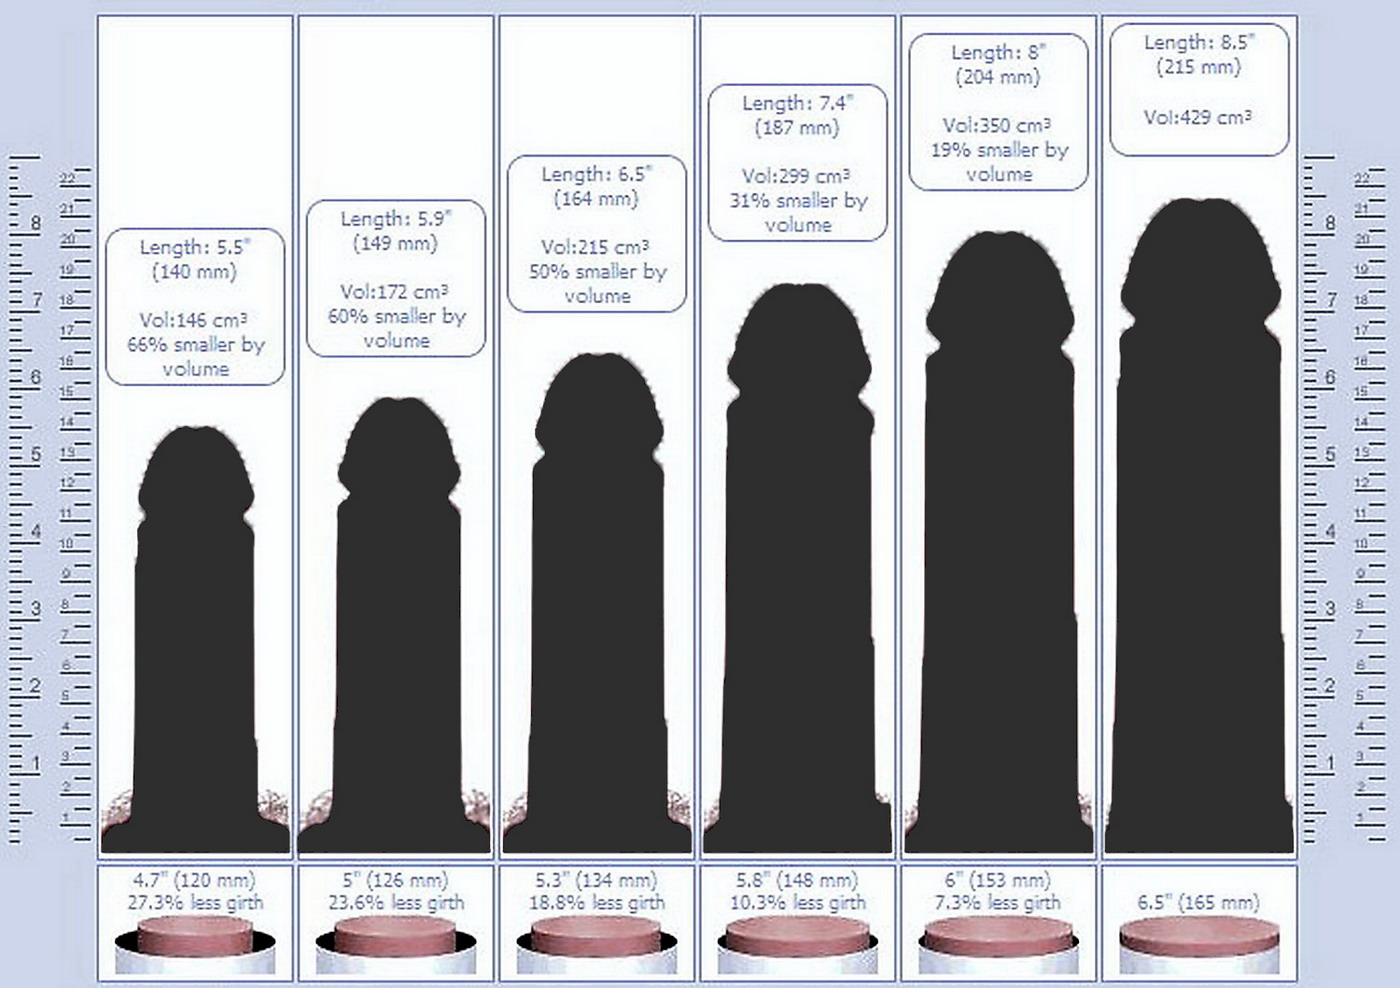 statistiche sul pene